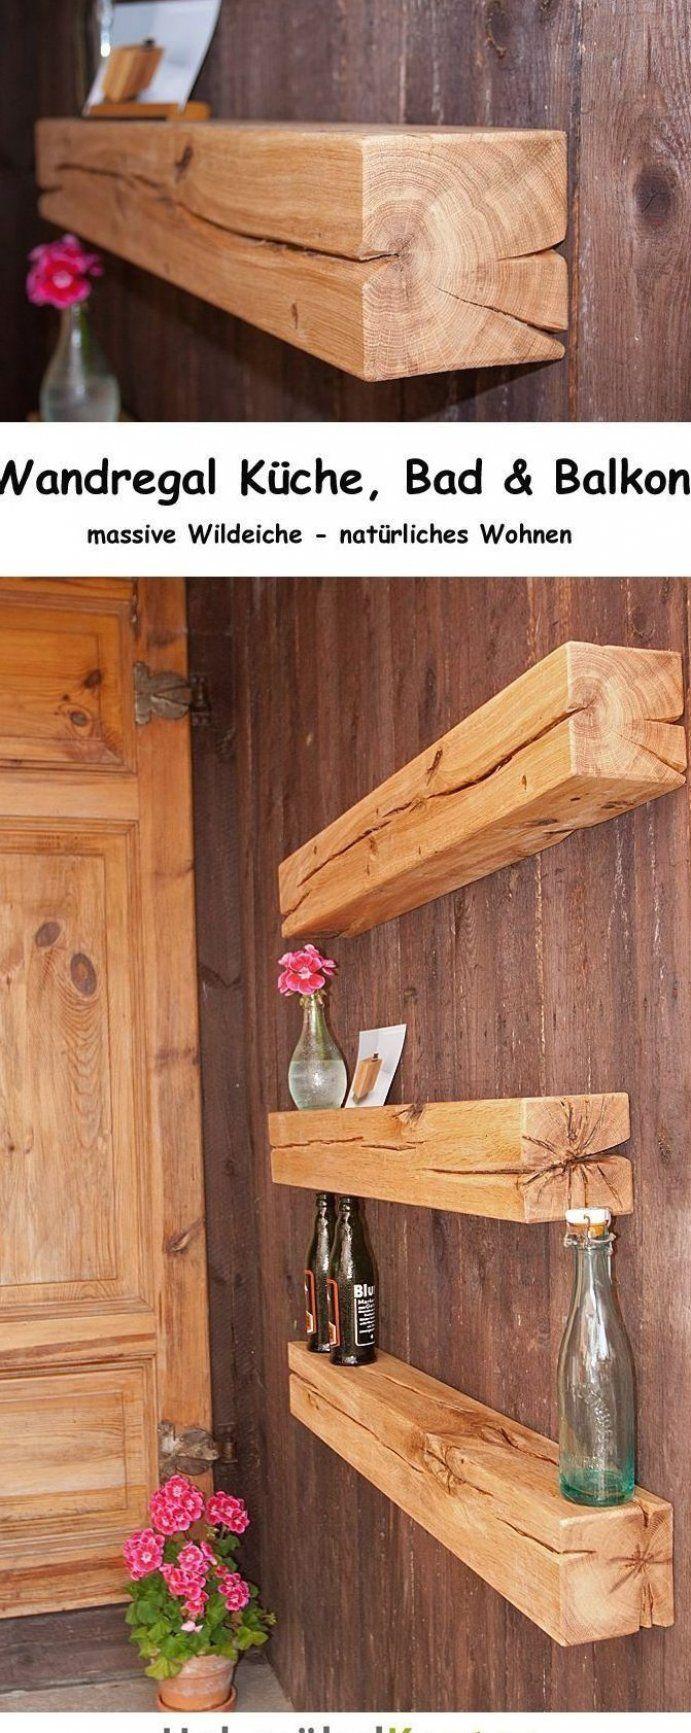 Wandregal f r K che Bad und nat rlich auch Terrasse und Balkon Diese stilvollen Balken ...